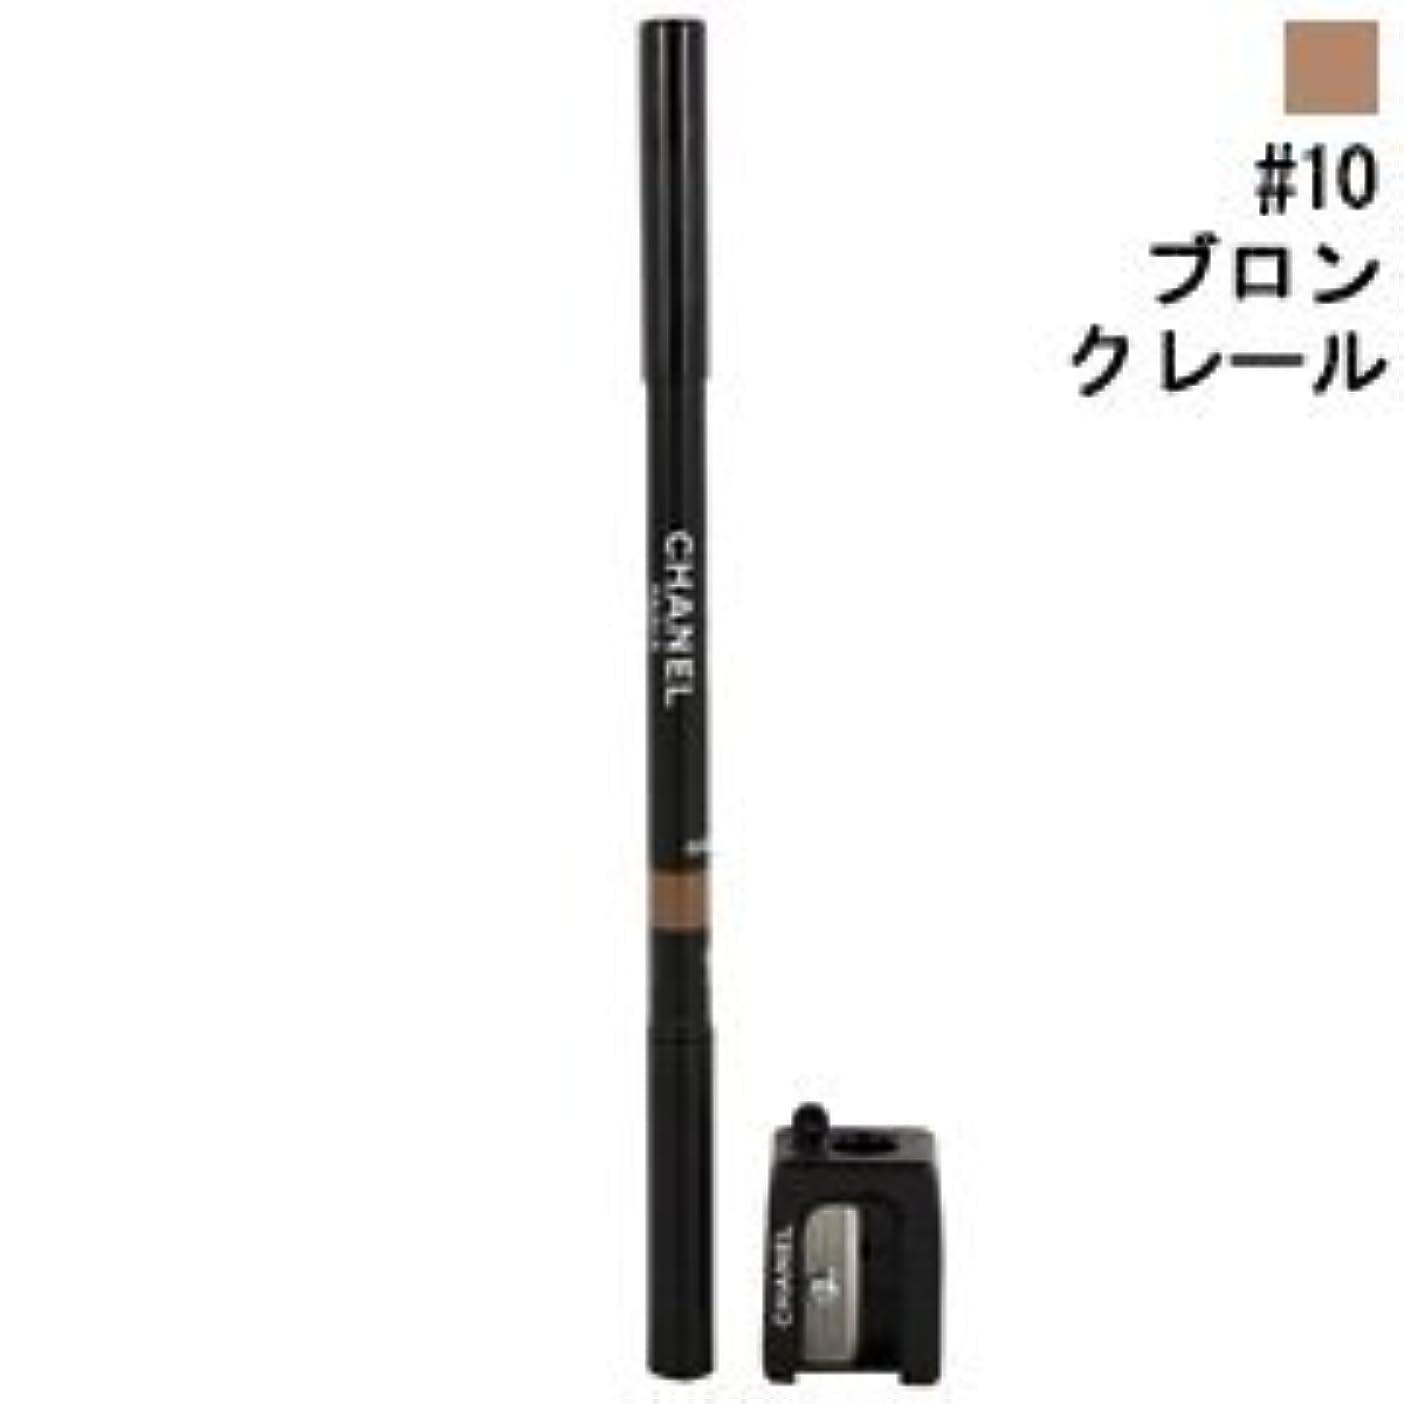 高揚した発掘する原点【シャネル】クレイヨン スルスィル #10 ブロン クレール 1g (並行輸入品)